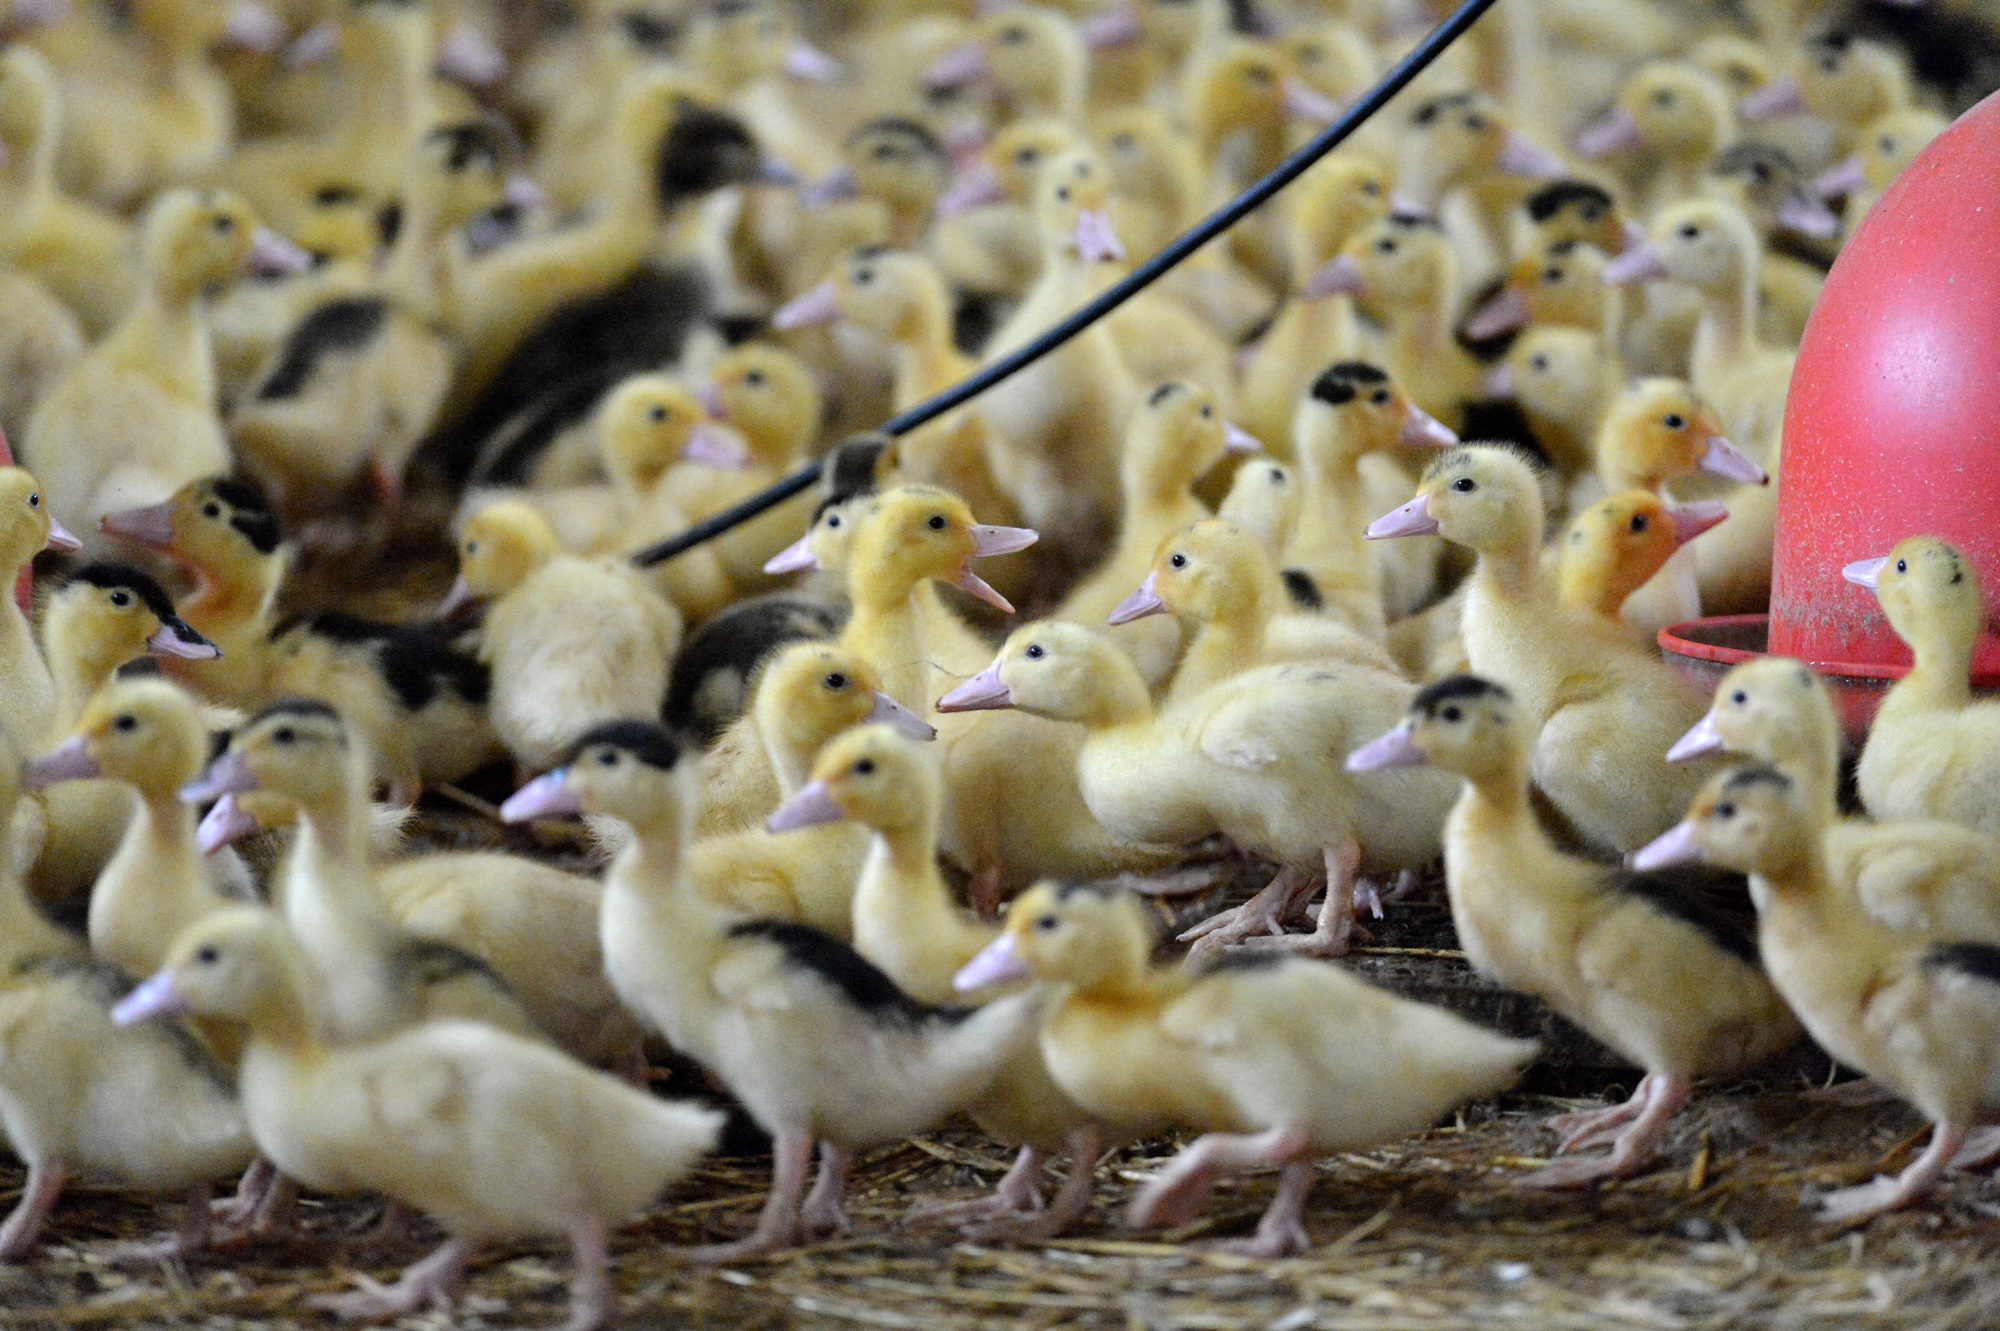 ברווזים או אווזים במשקים המתועשים חיים בצפיפות, גופם הושבח גנטית להיות ענק, והם יישחטו בגיל של מספר שבועות לאחר חיי יתמות קצרים.